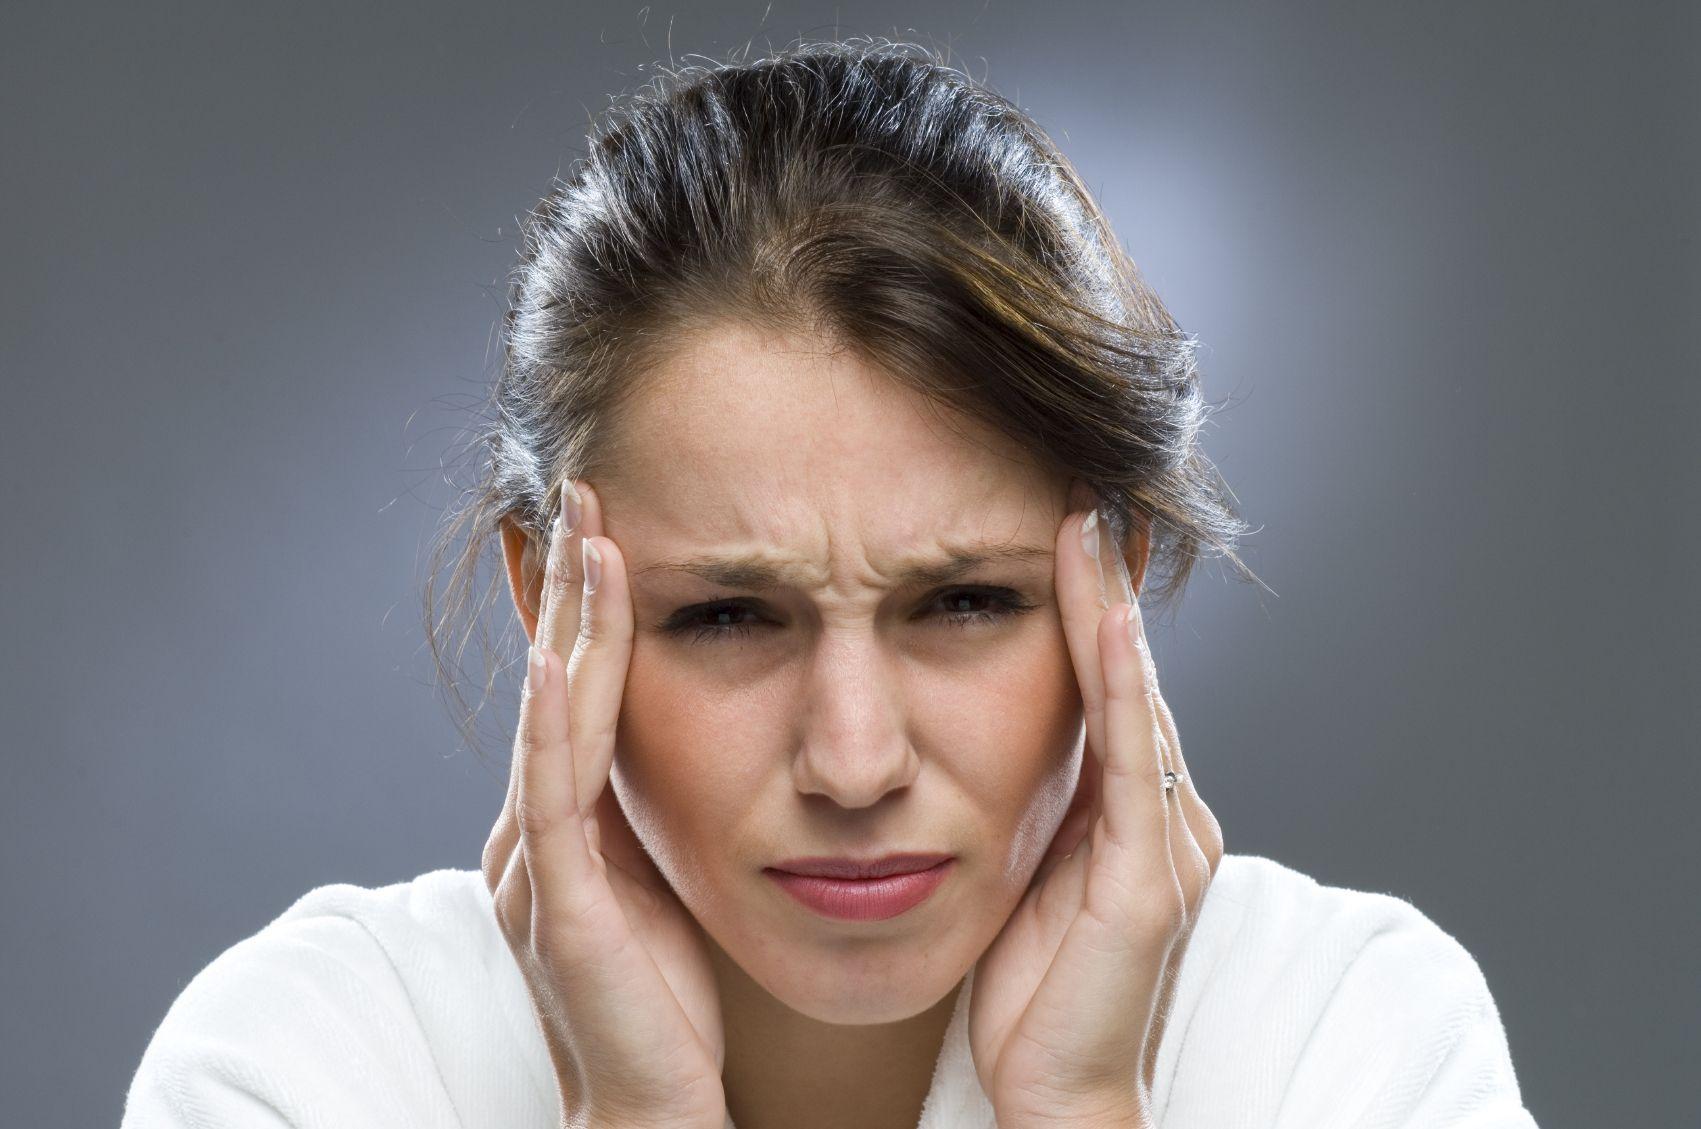 El dolor de cabeza: Un problema común que puede ser peligroso